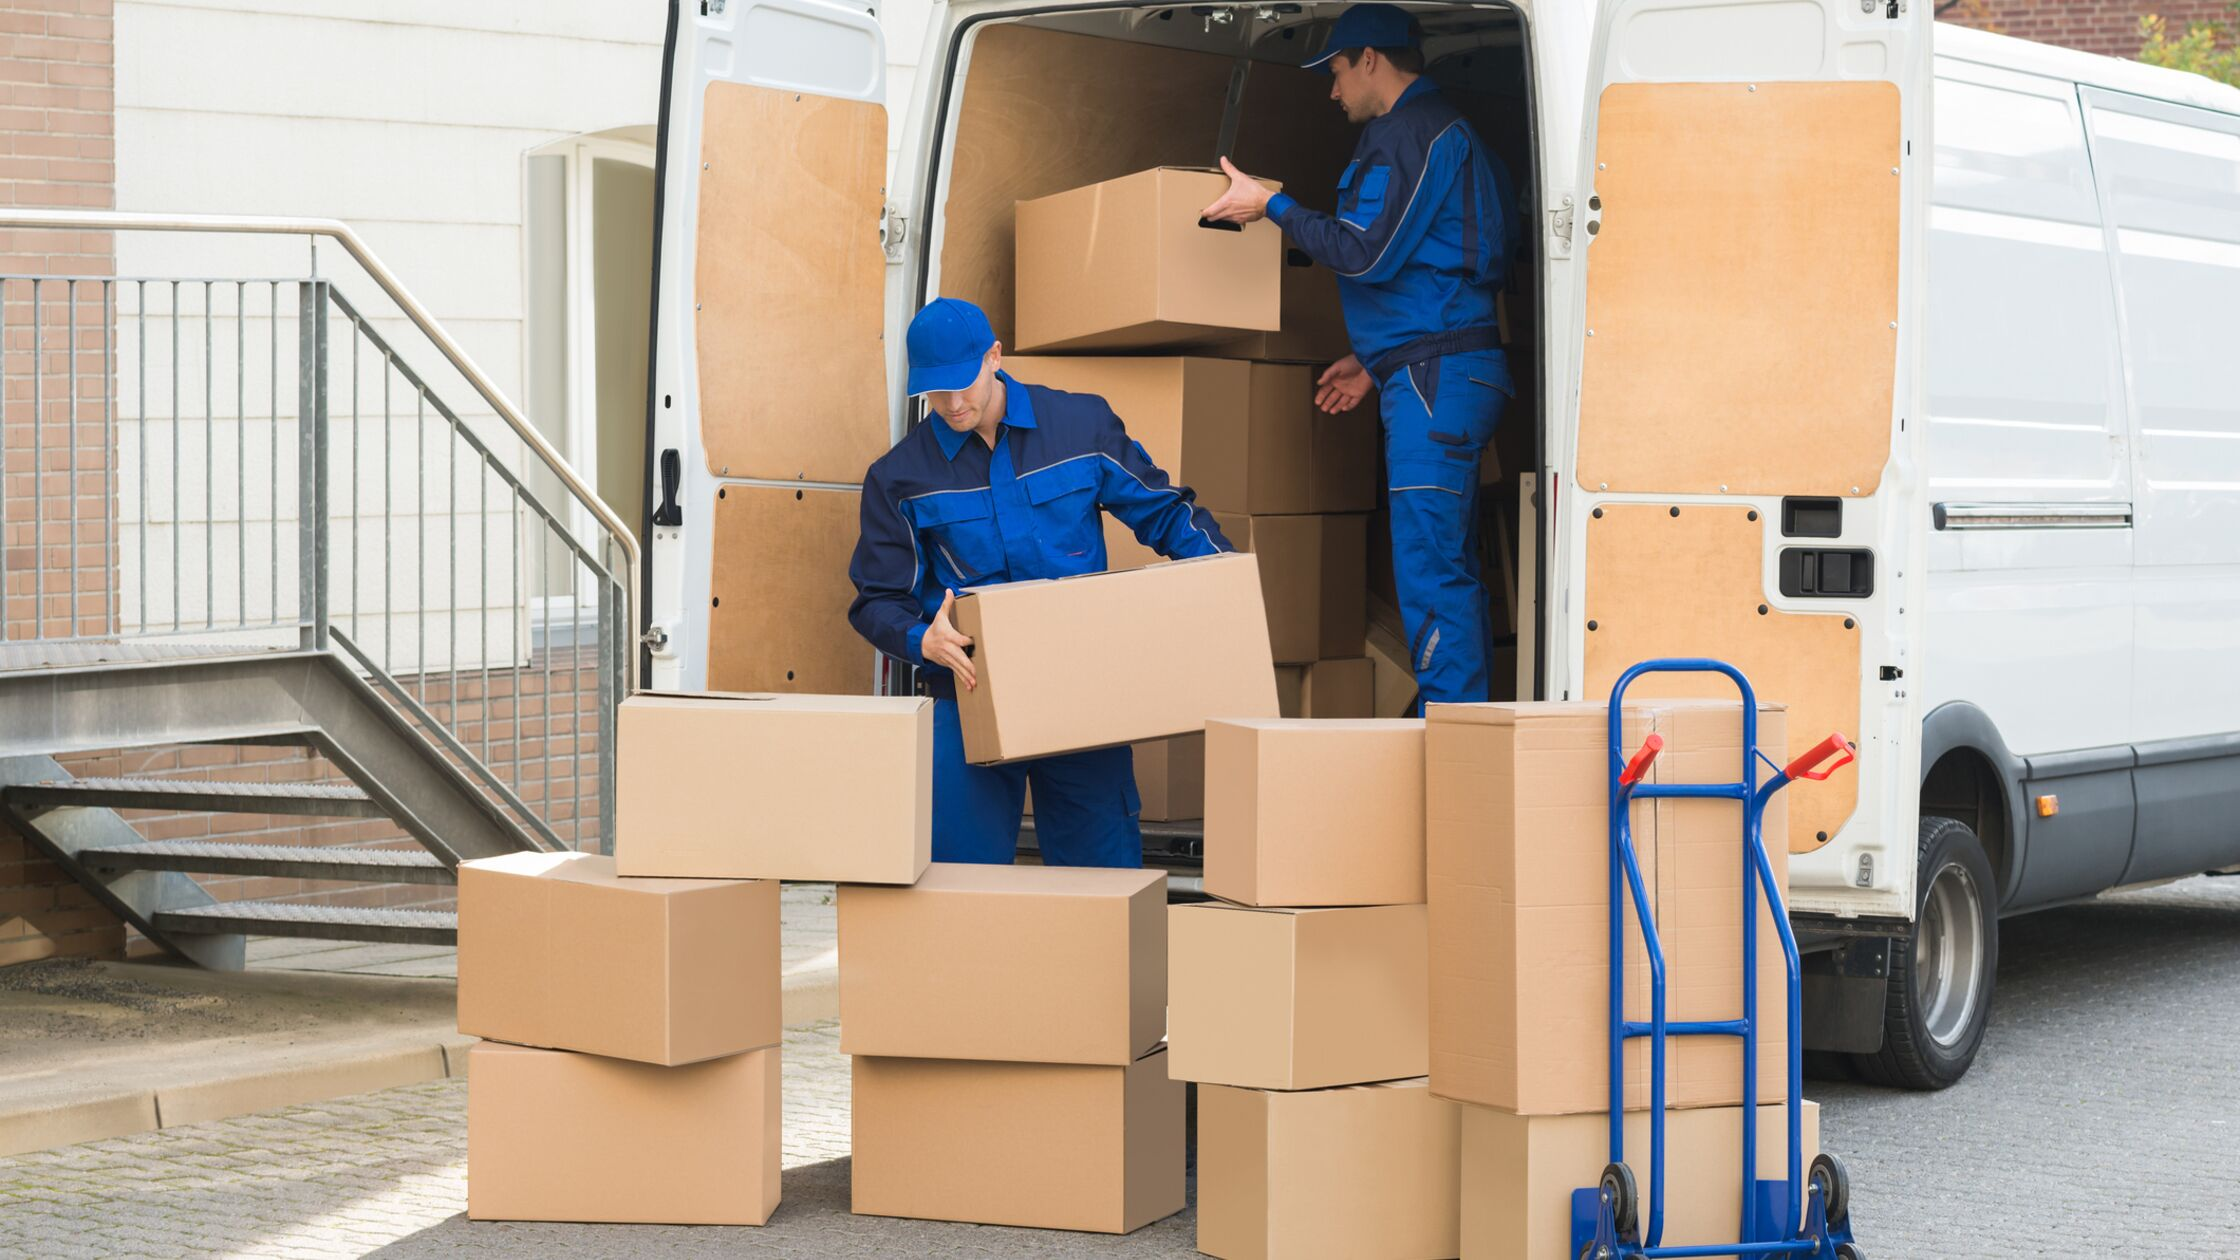 Spediteure verladen Kisten für Umzug